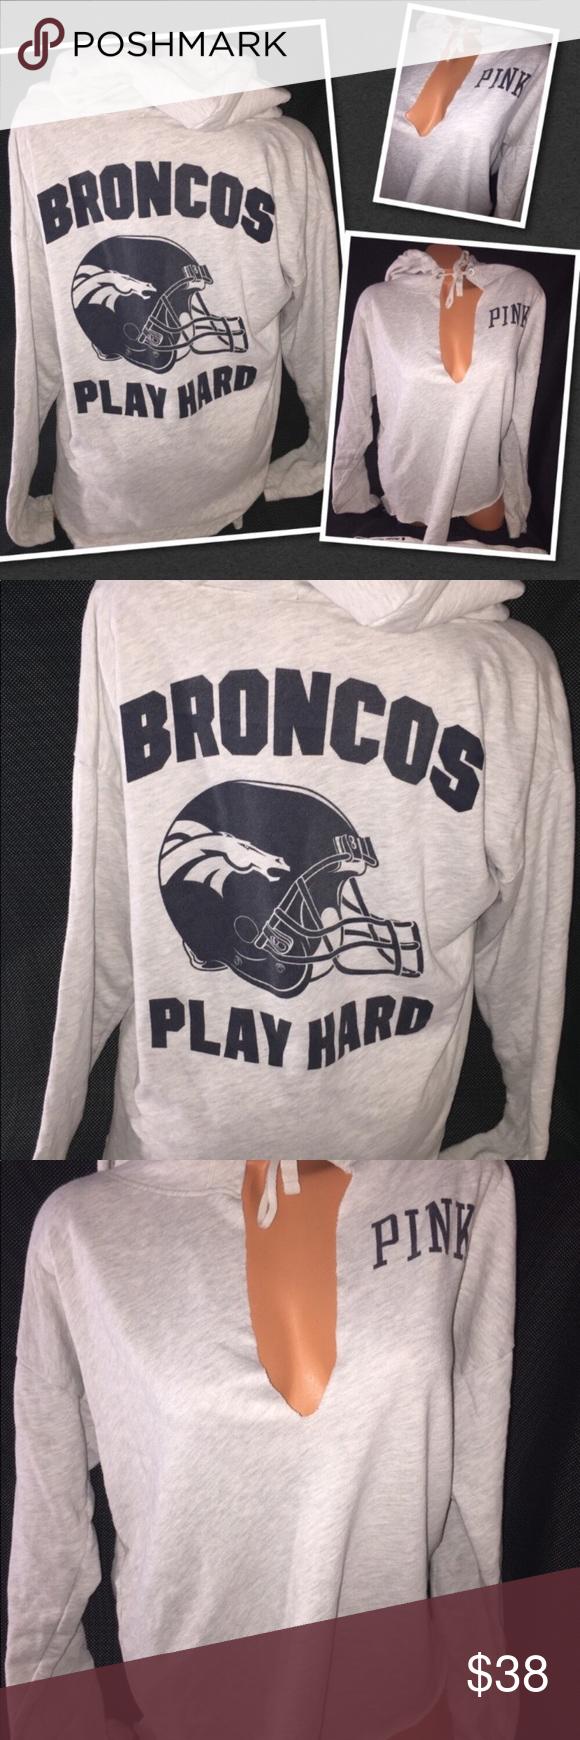 VS PINK BRONCOS Oversized sweatshirt LARGE Oversized